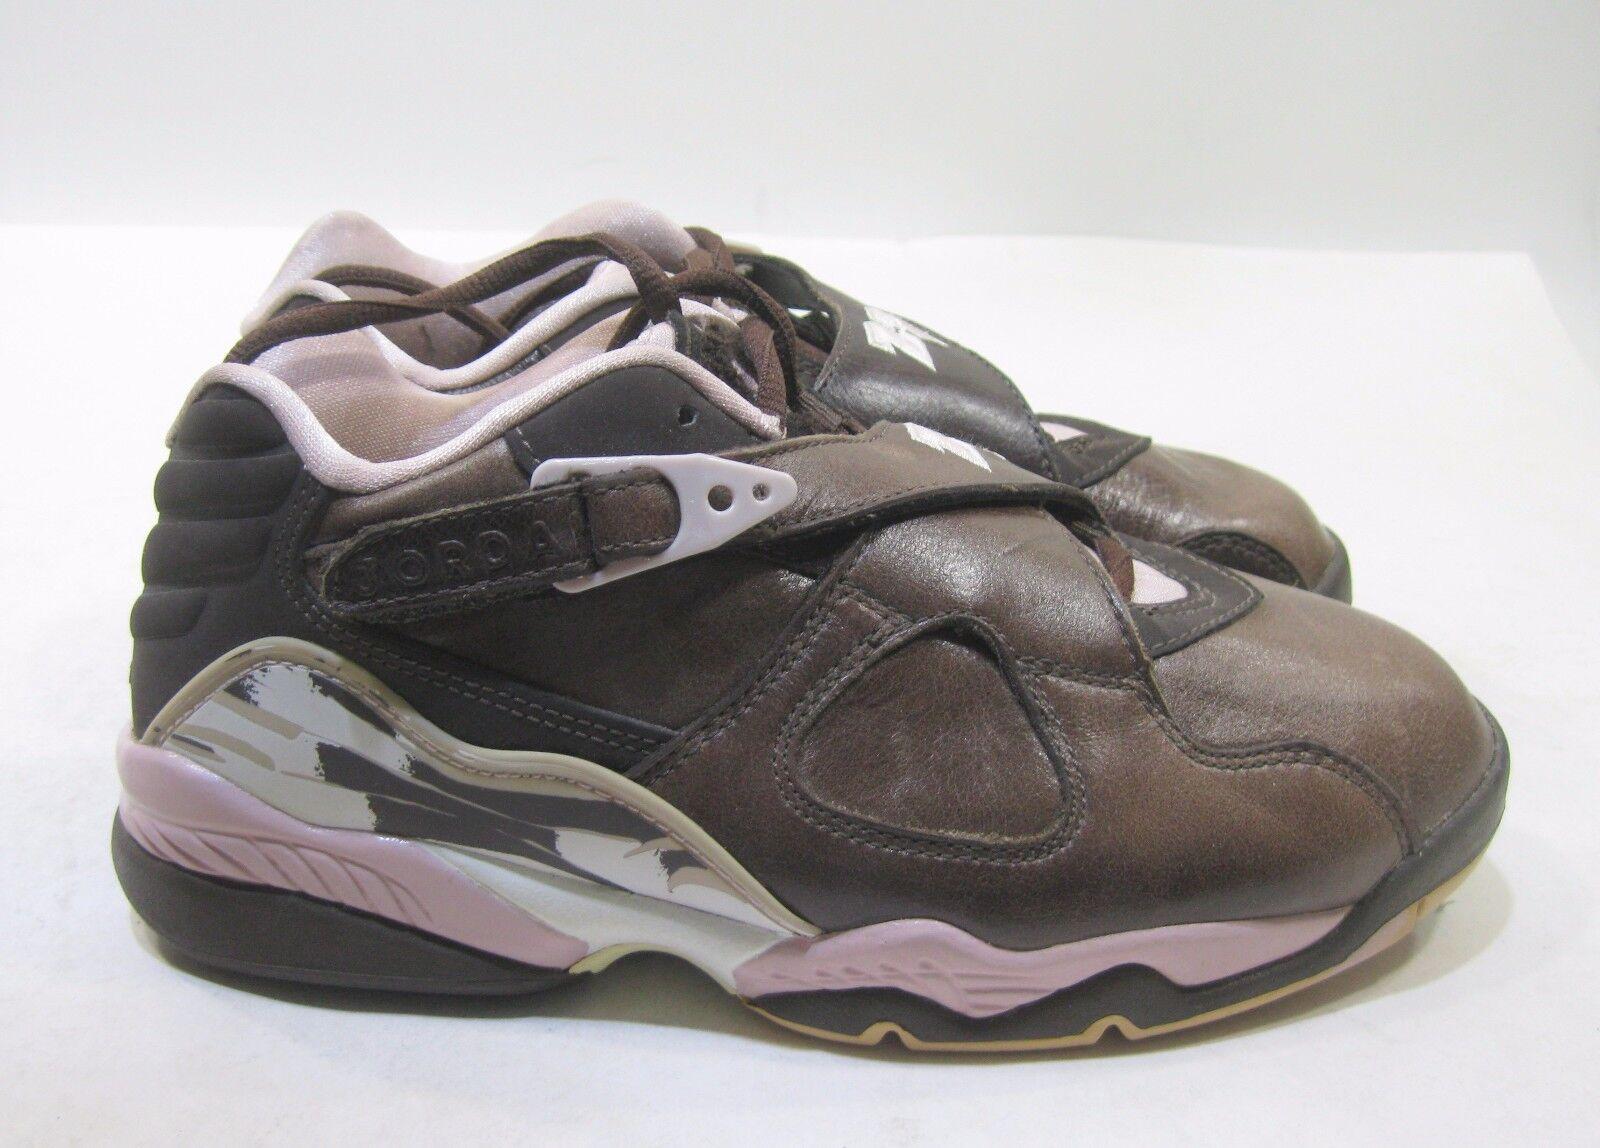 Nike Air Shoes Air Nike Jordan 8 Retro Low Brown/Baby Pink Sneakers Womens 7 Eur 38 3c1388